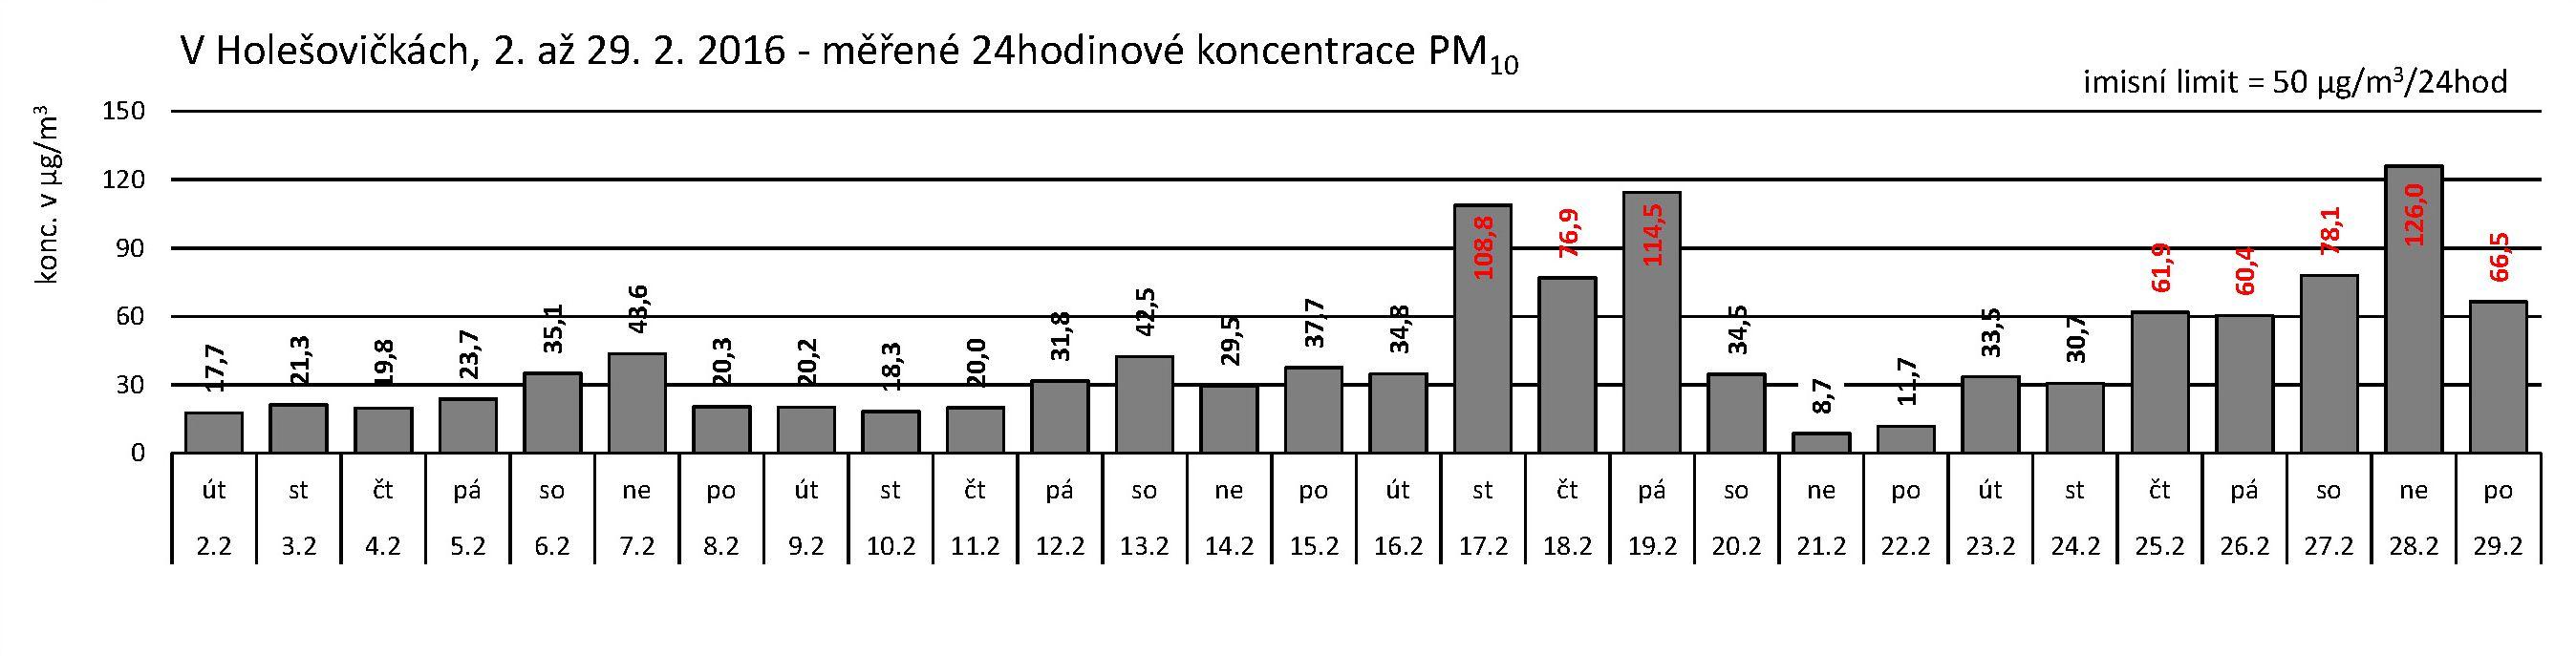 V Holešovičkách - 02.2016 - PM10 za 24 hodin